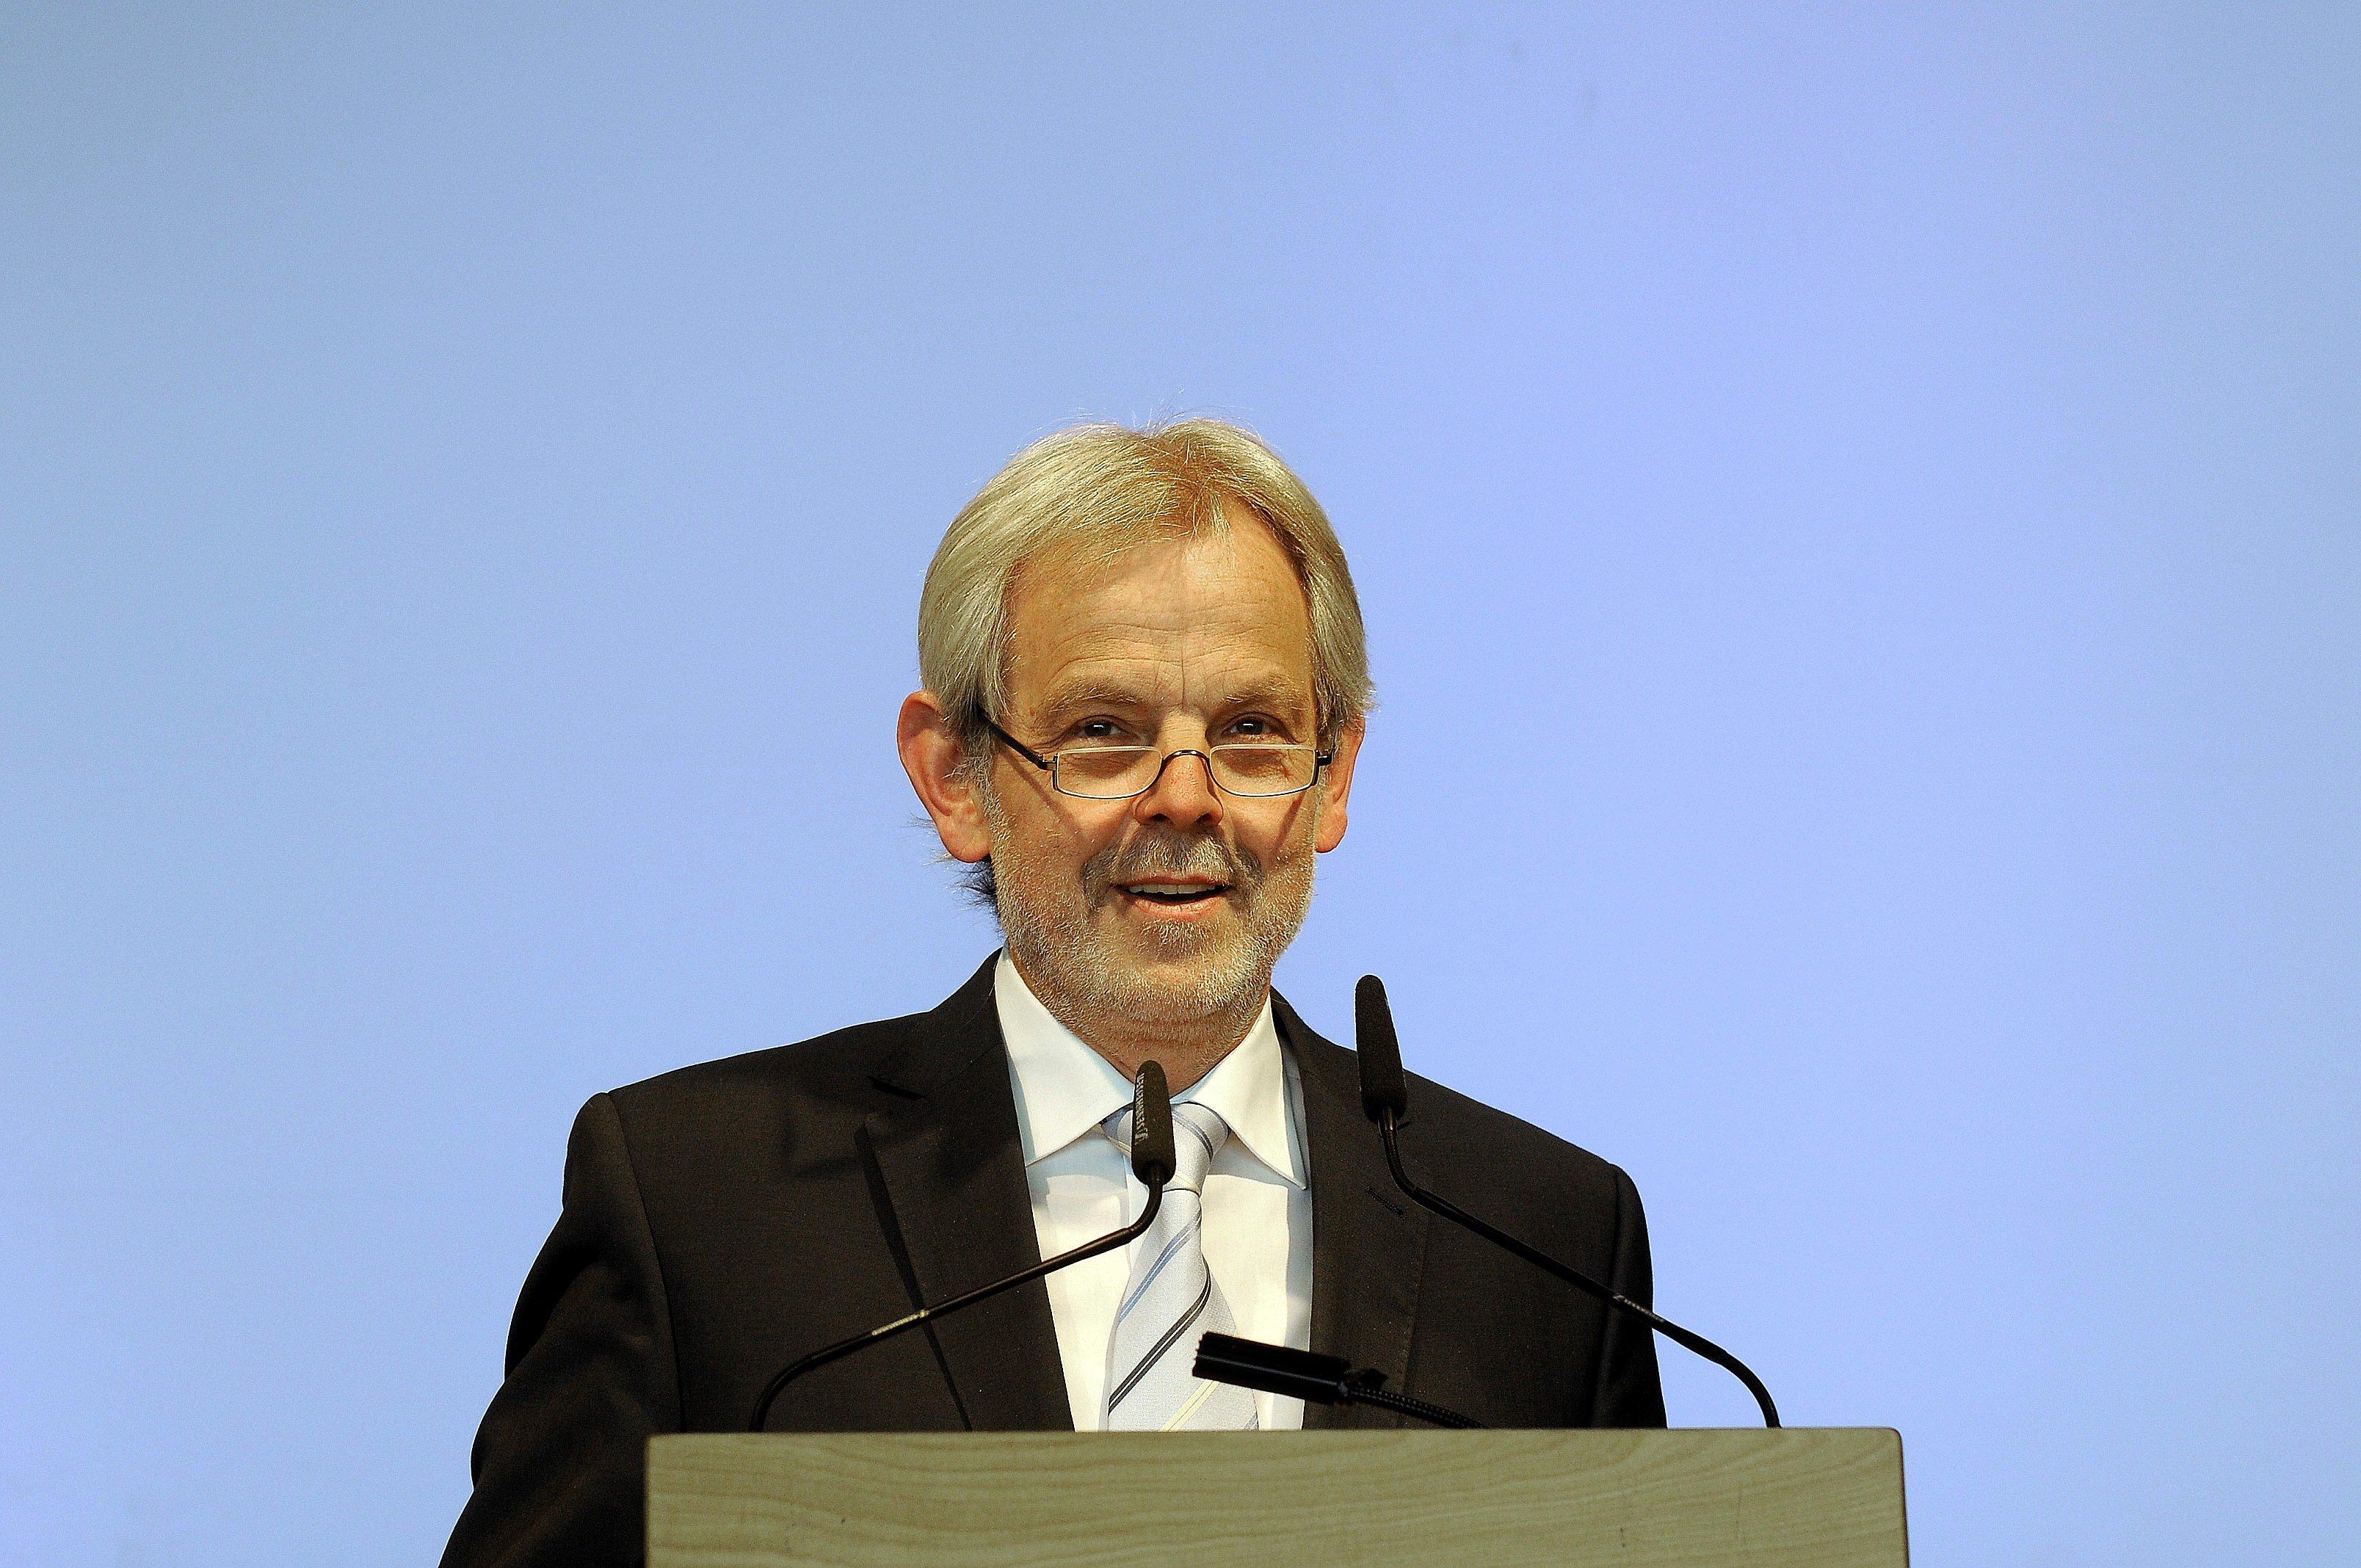 Christian Bonmann